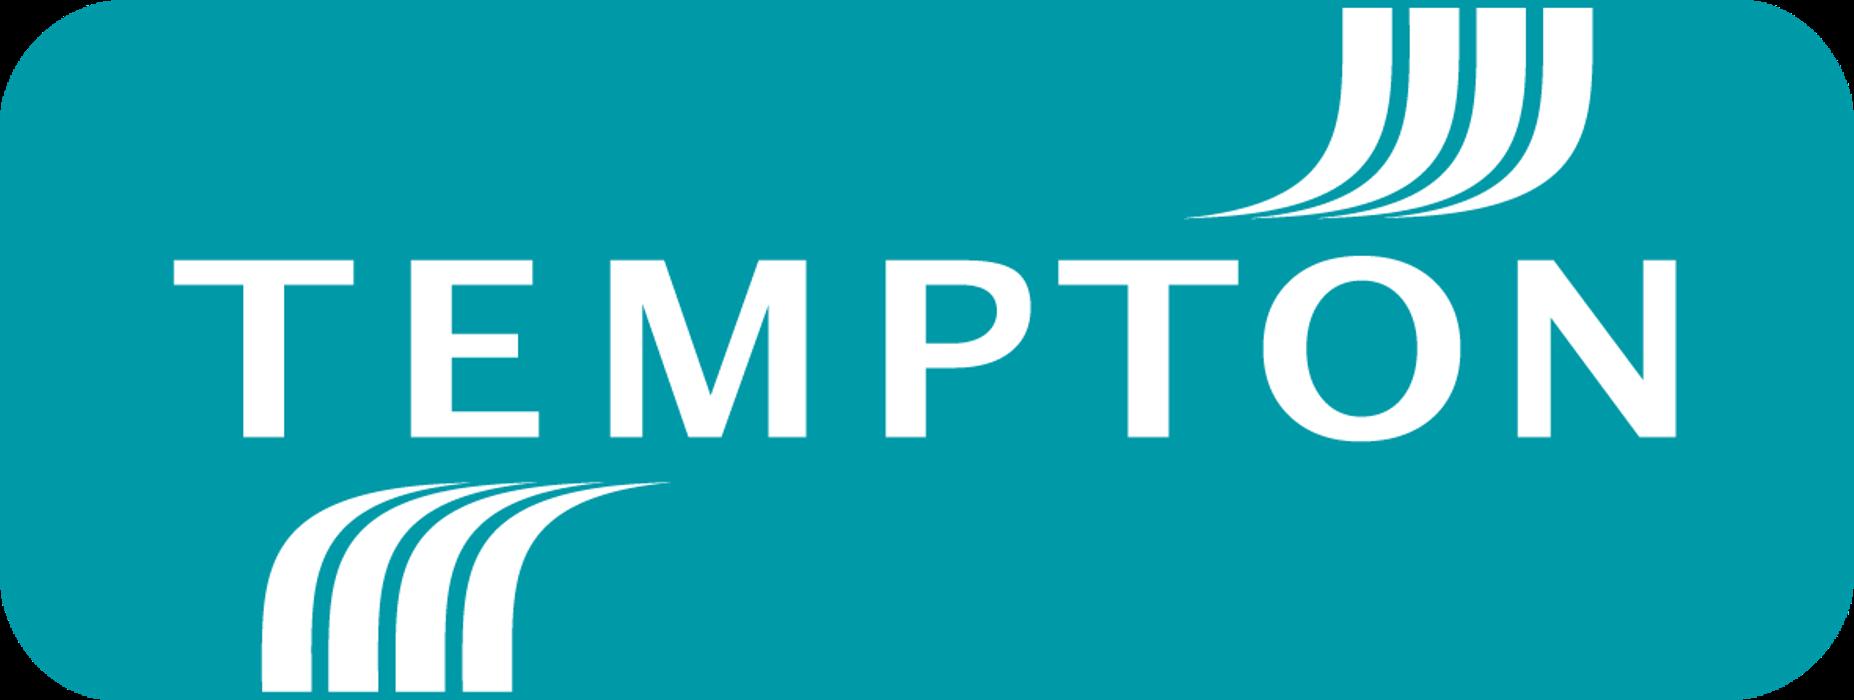 Bild zu TEMPTON Offenbach Personaldienstleistungen GmbH in Offenbach am Main